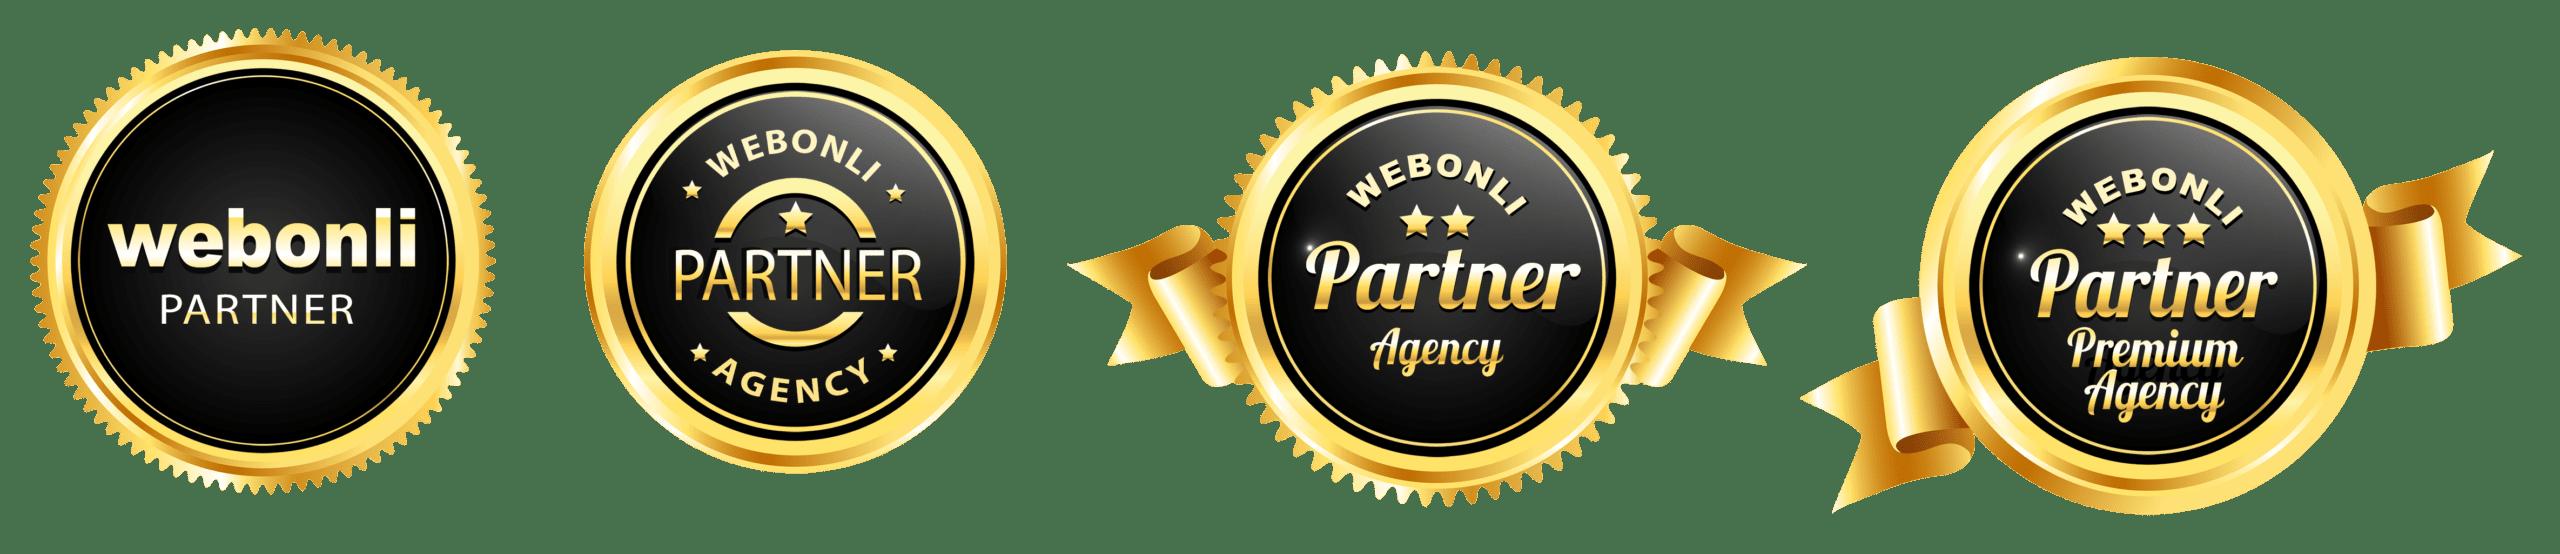 Partner-Badges-Webonli